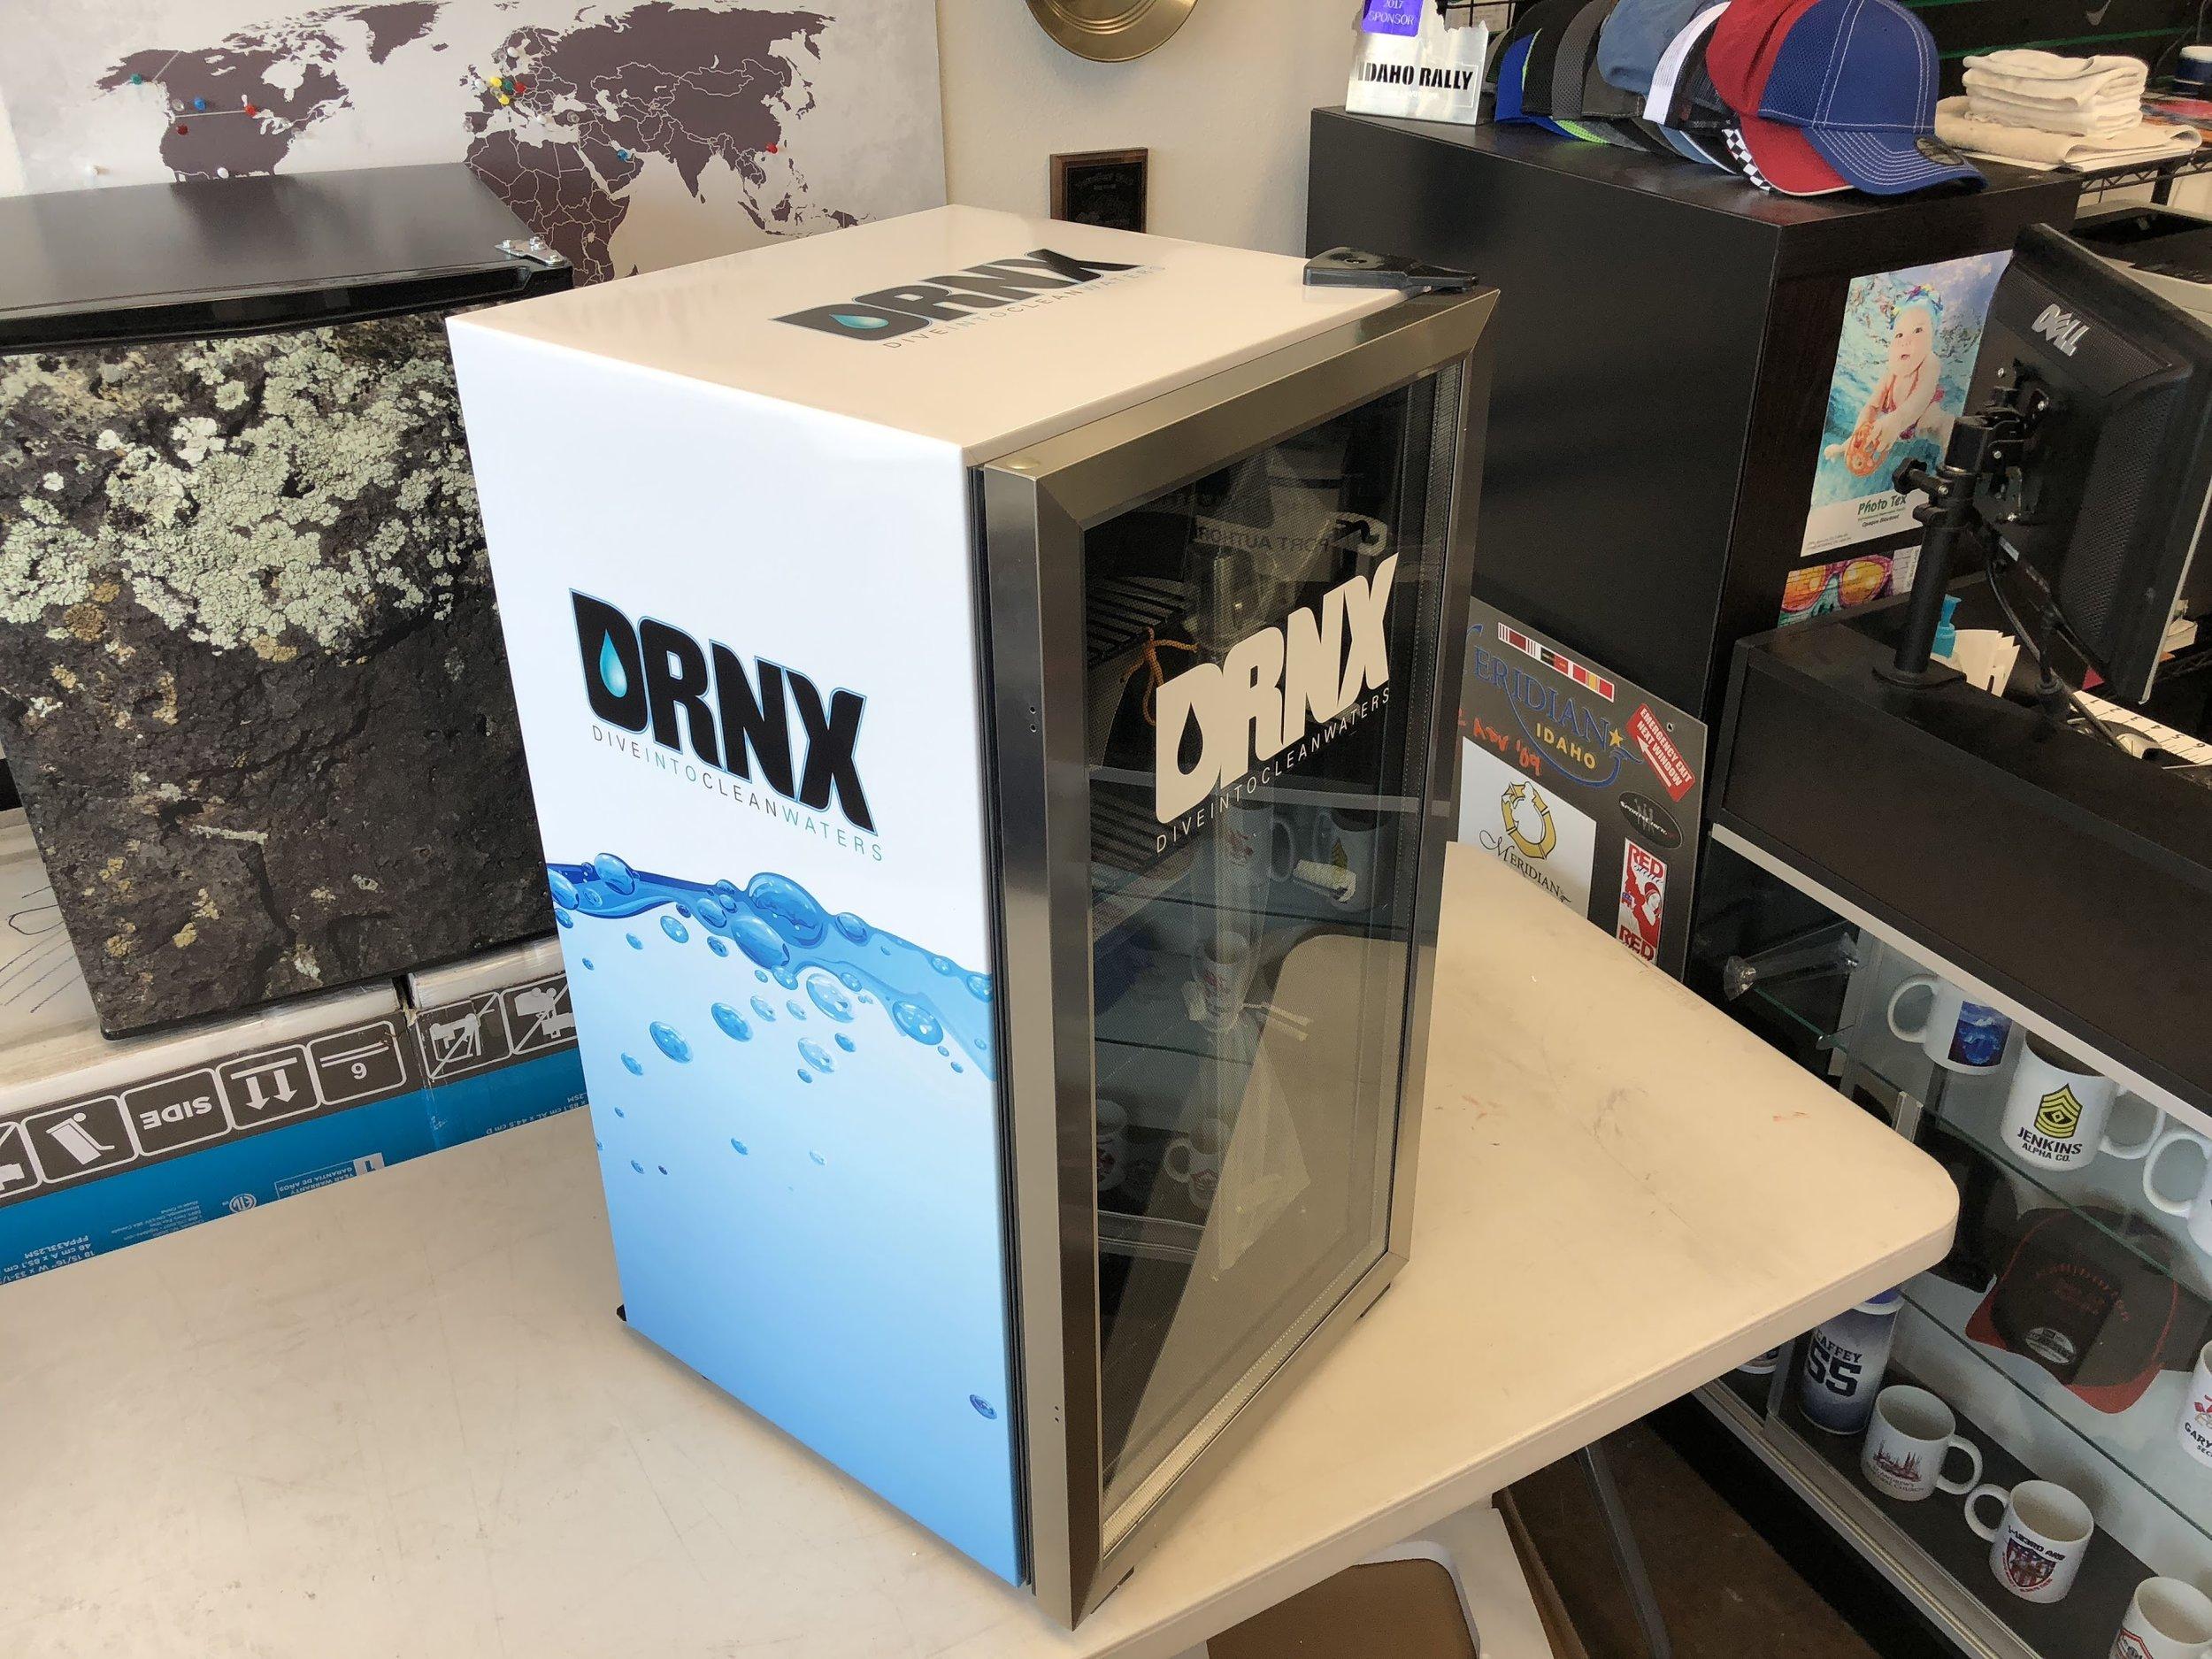 Drnk Mini fridge wrap